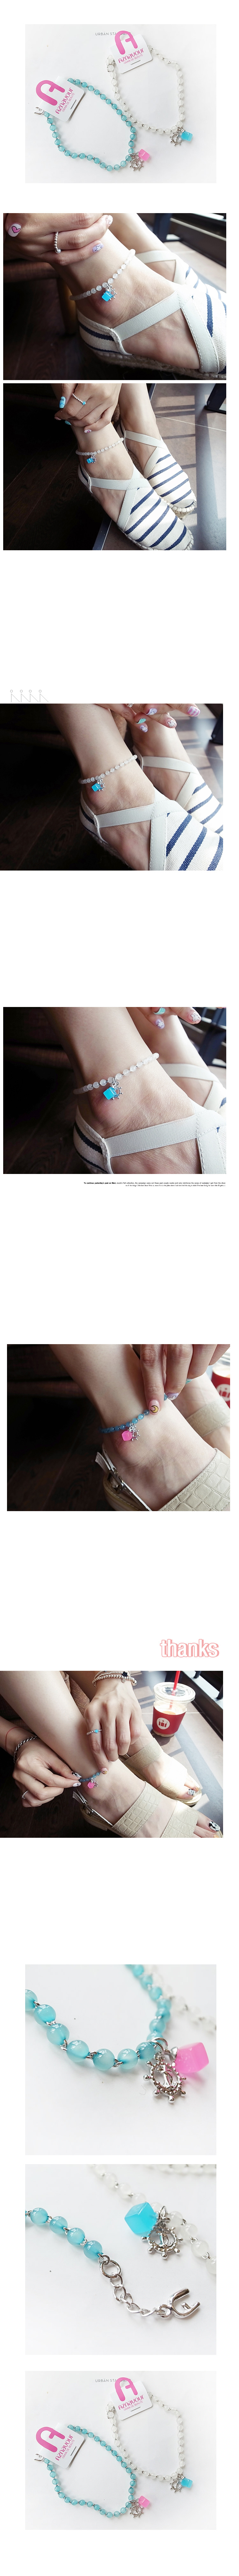 韓國 NaniWorld 彩色果凍腳飾 #3119 薄荷